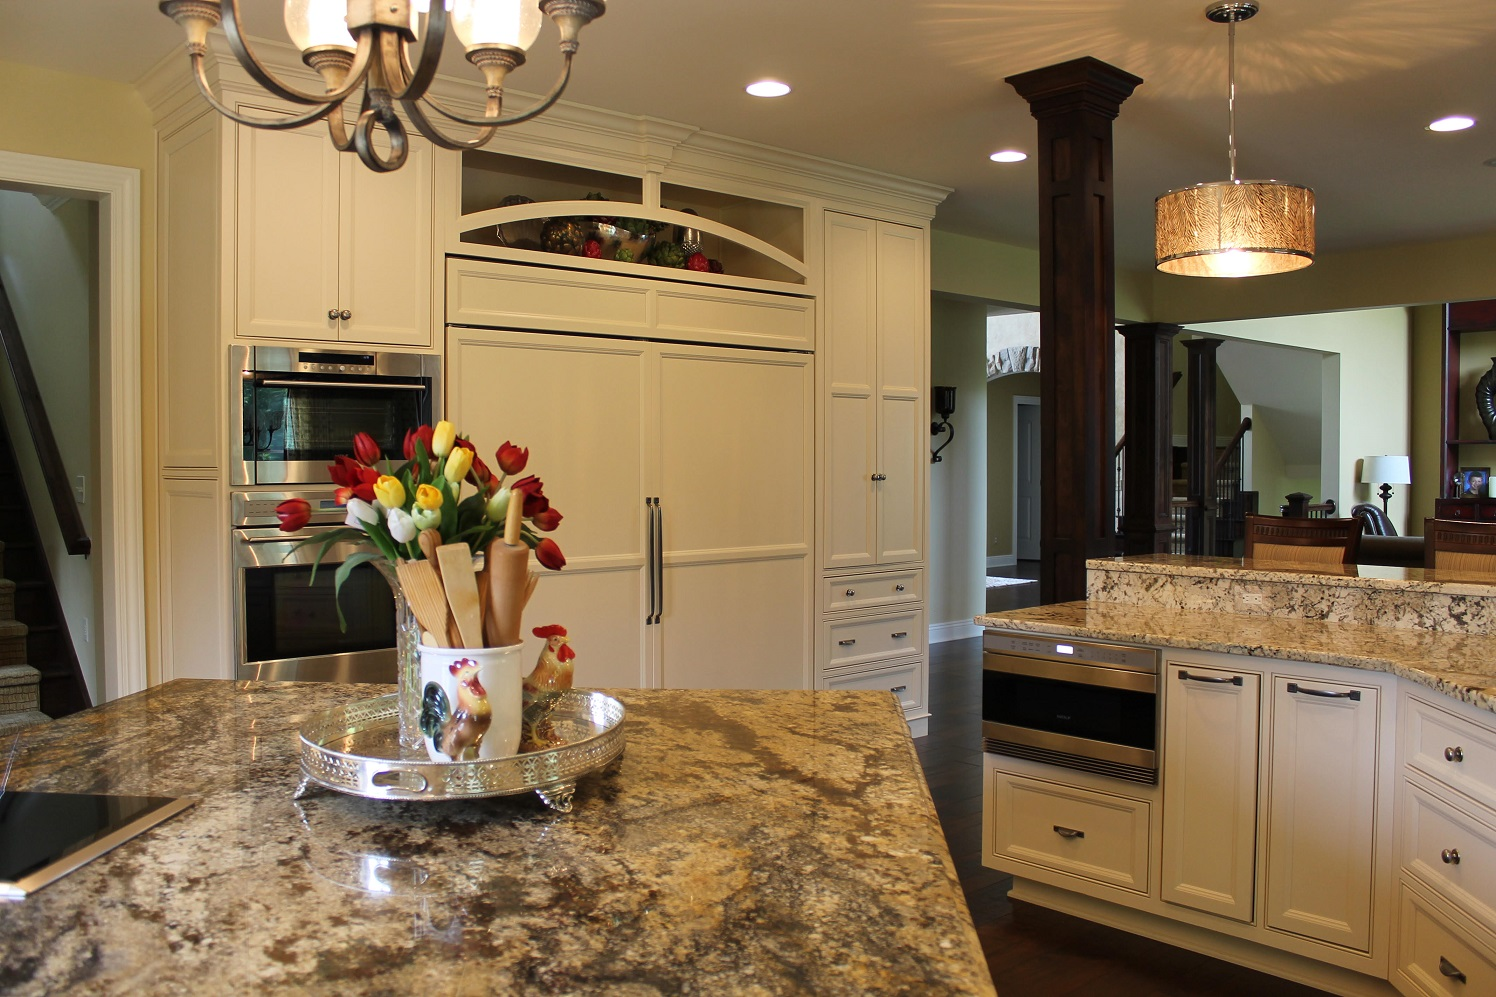 HGTV Kitchen Remodeling - Ellen Rady Designs